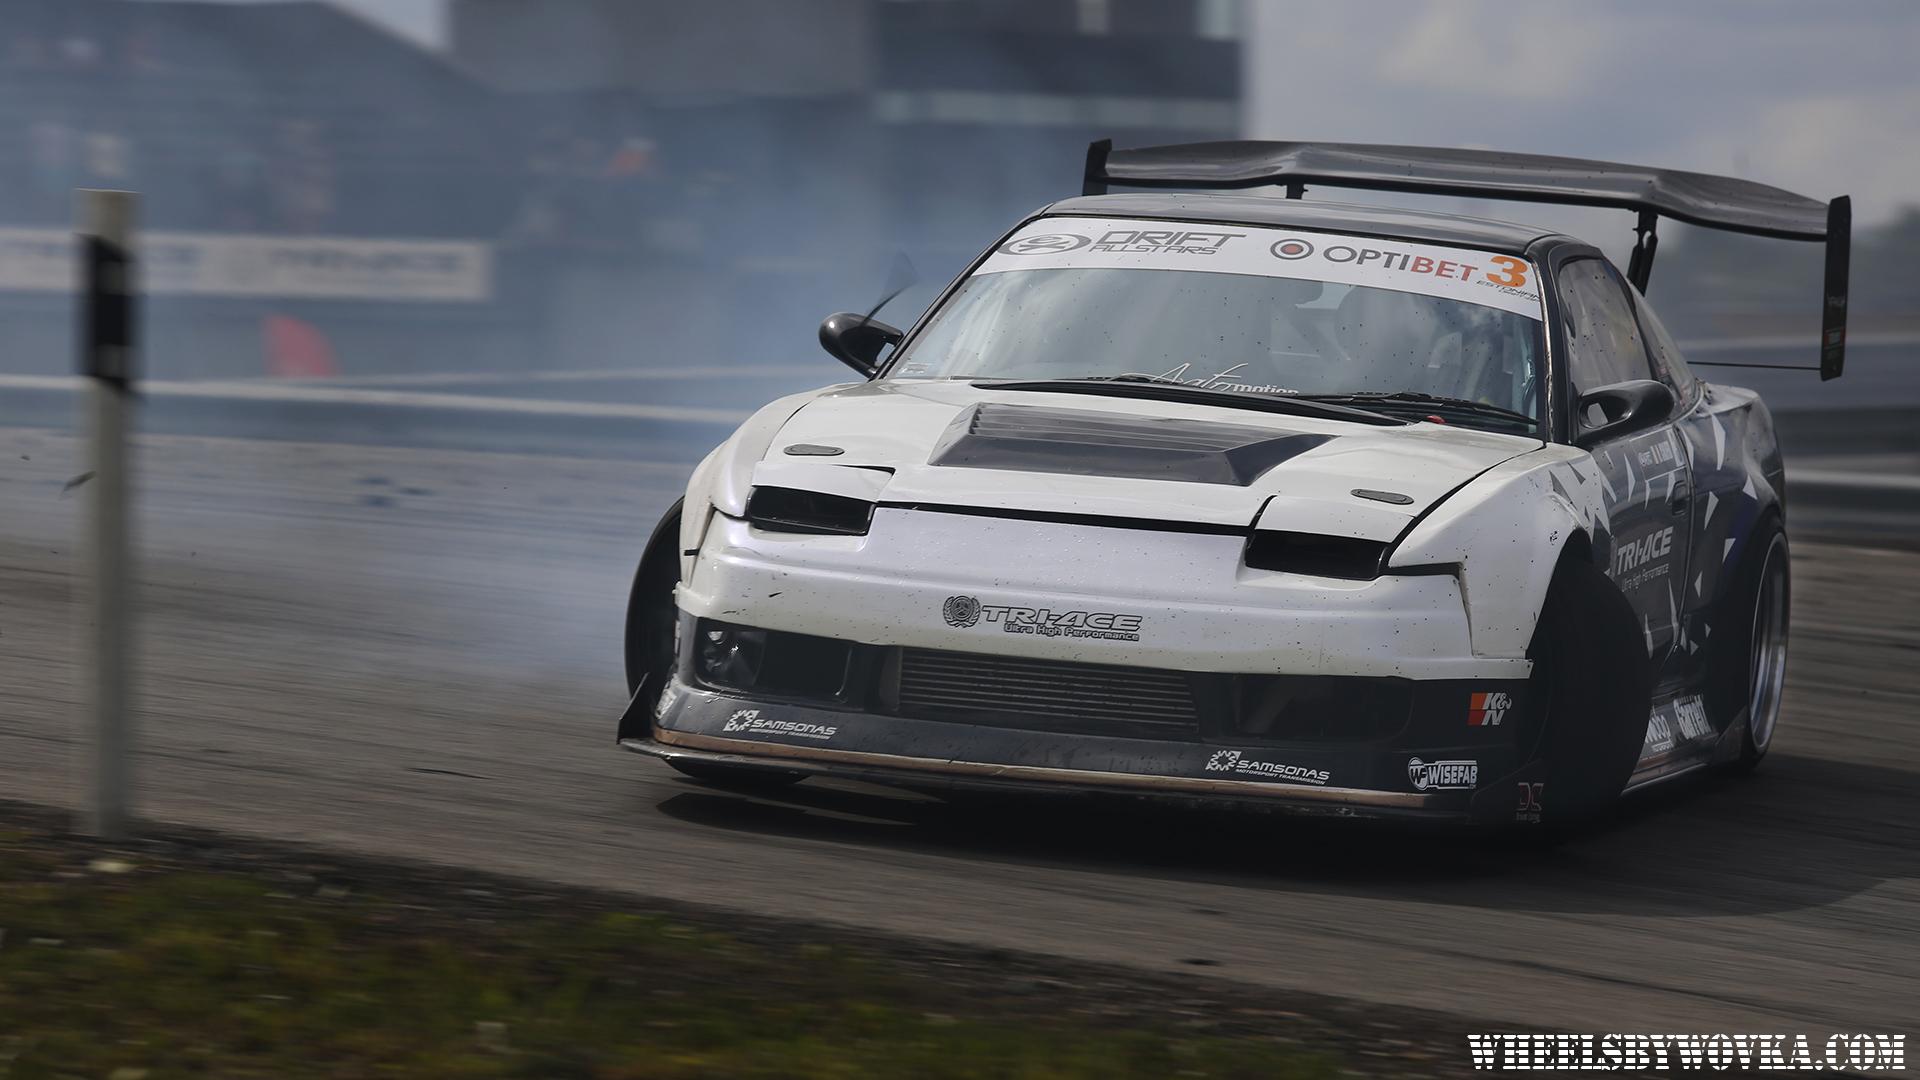 drift-allstars-estonia-wheelsbywovka-vladimir-ljadov-6